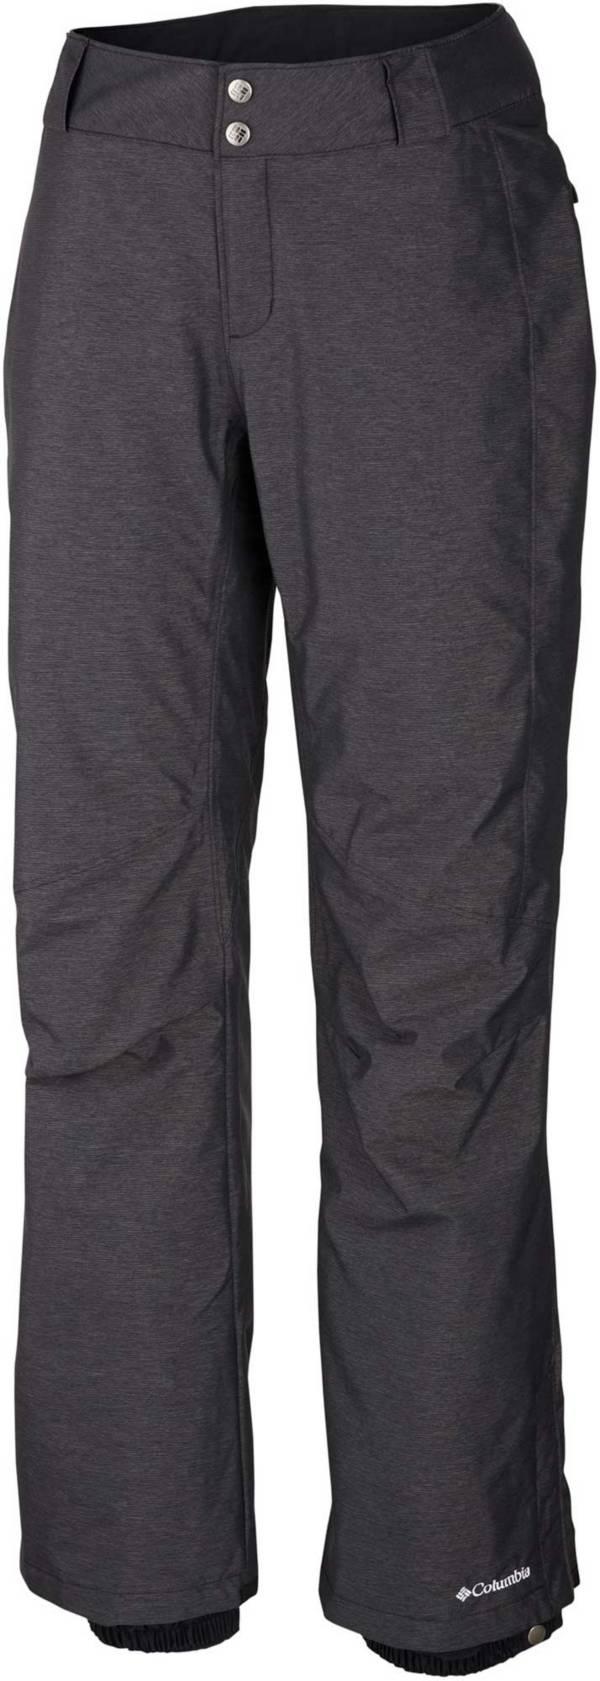 Columbia Women's Bugaboo II Pants product image